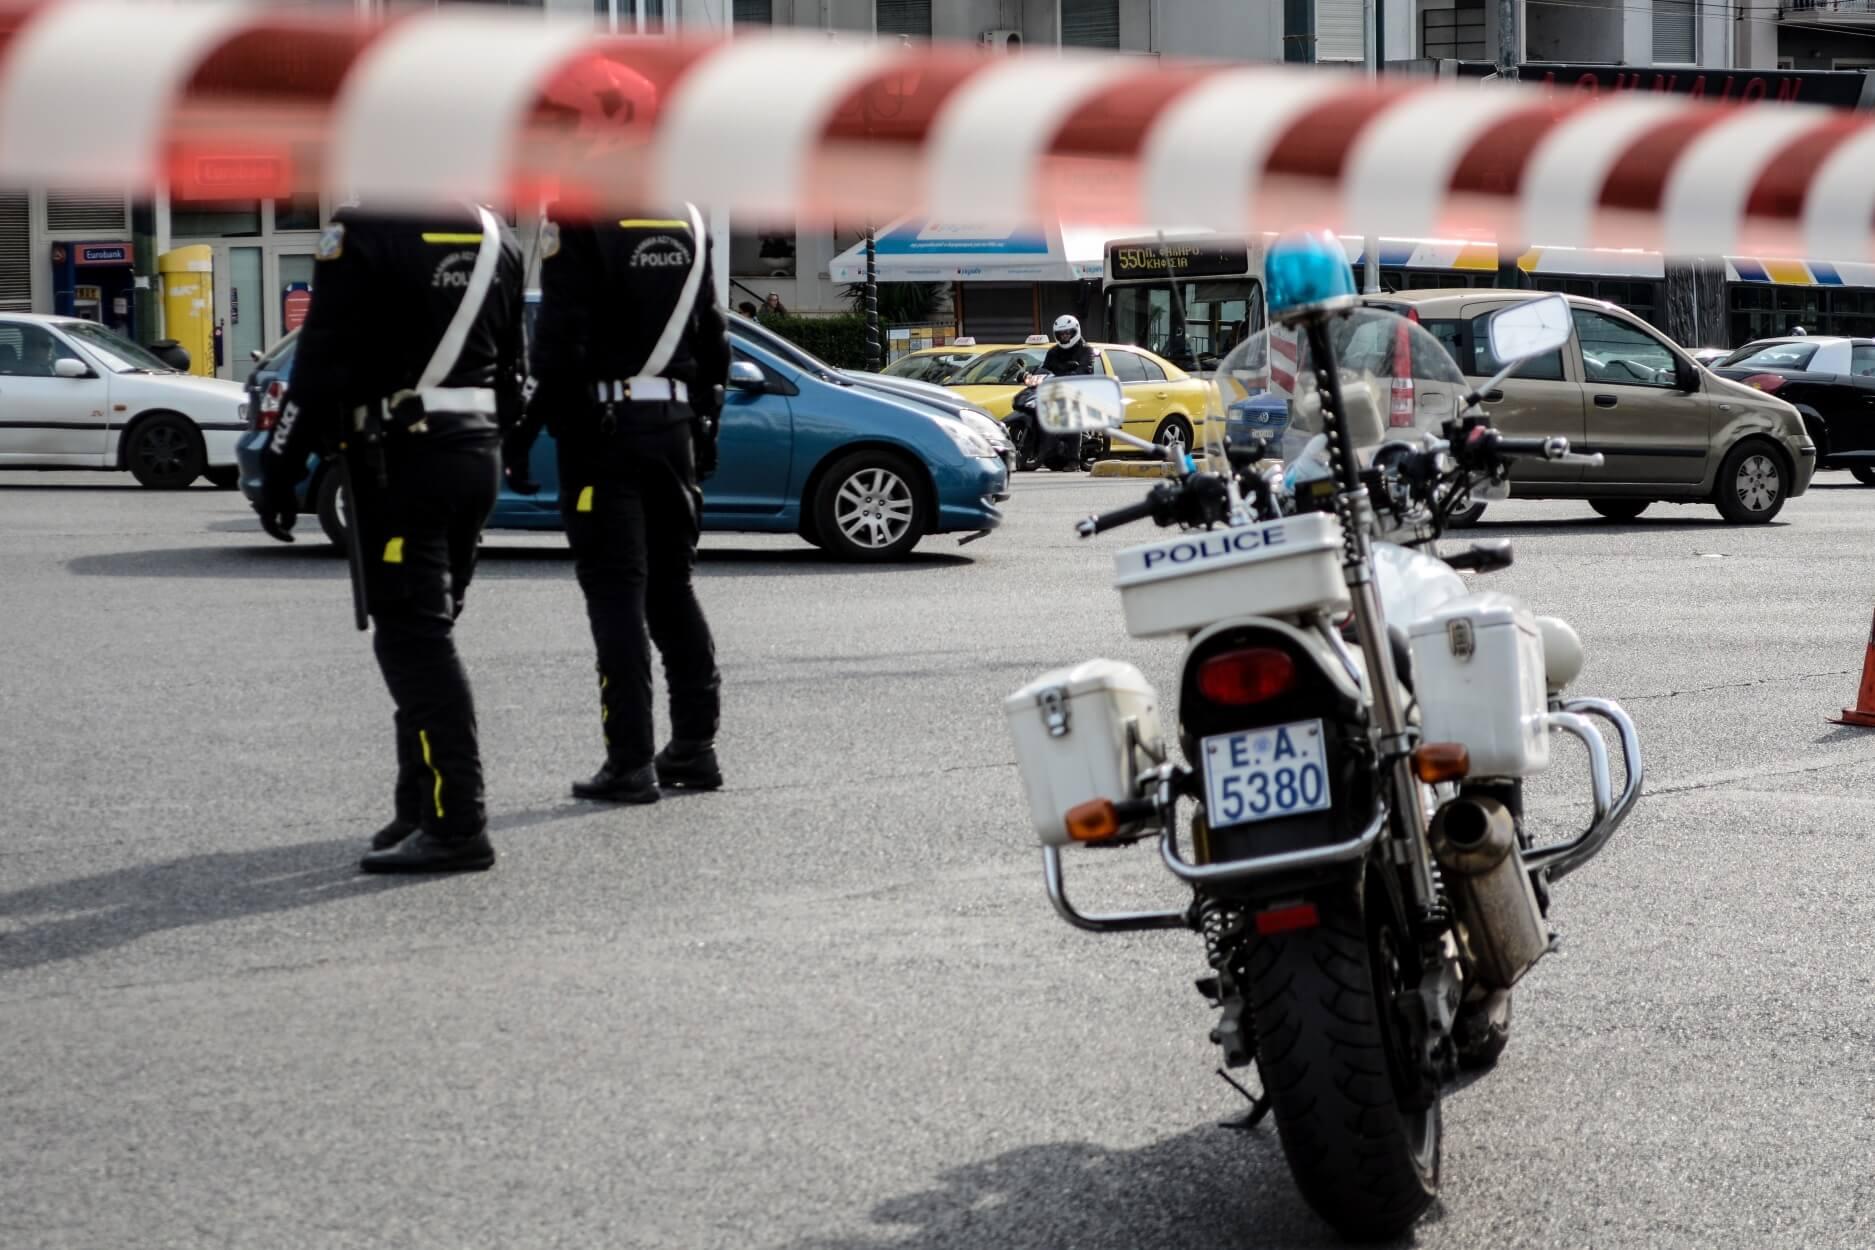 «Αρματώνονται» οι αστυνομικοί κατά του κορονοϊού – Δόθηκαν 3,8 εκατ. υγειονομικά υλικά